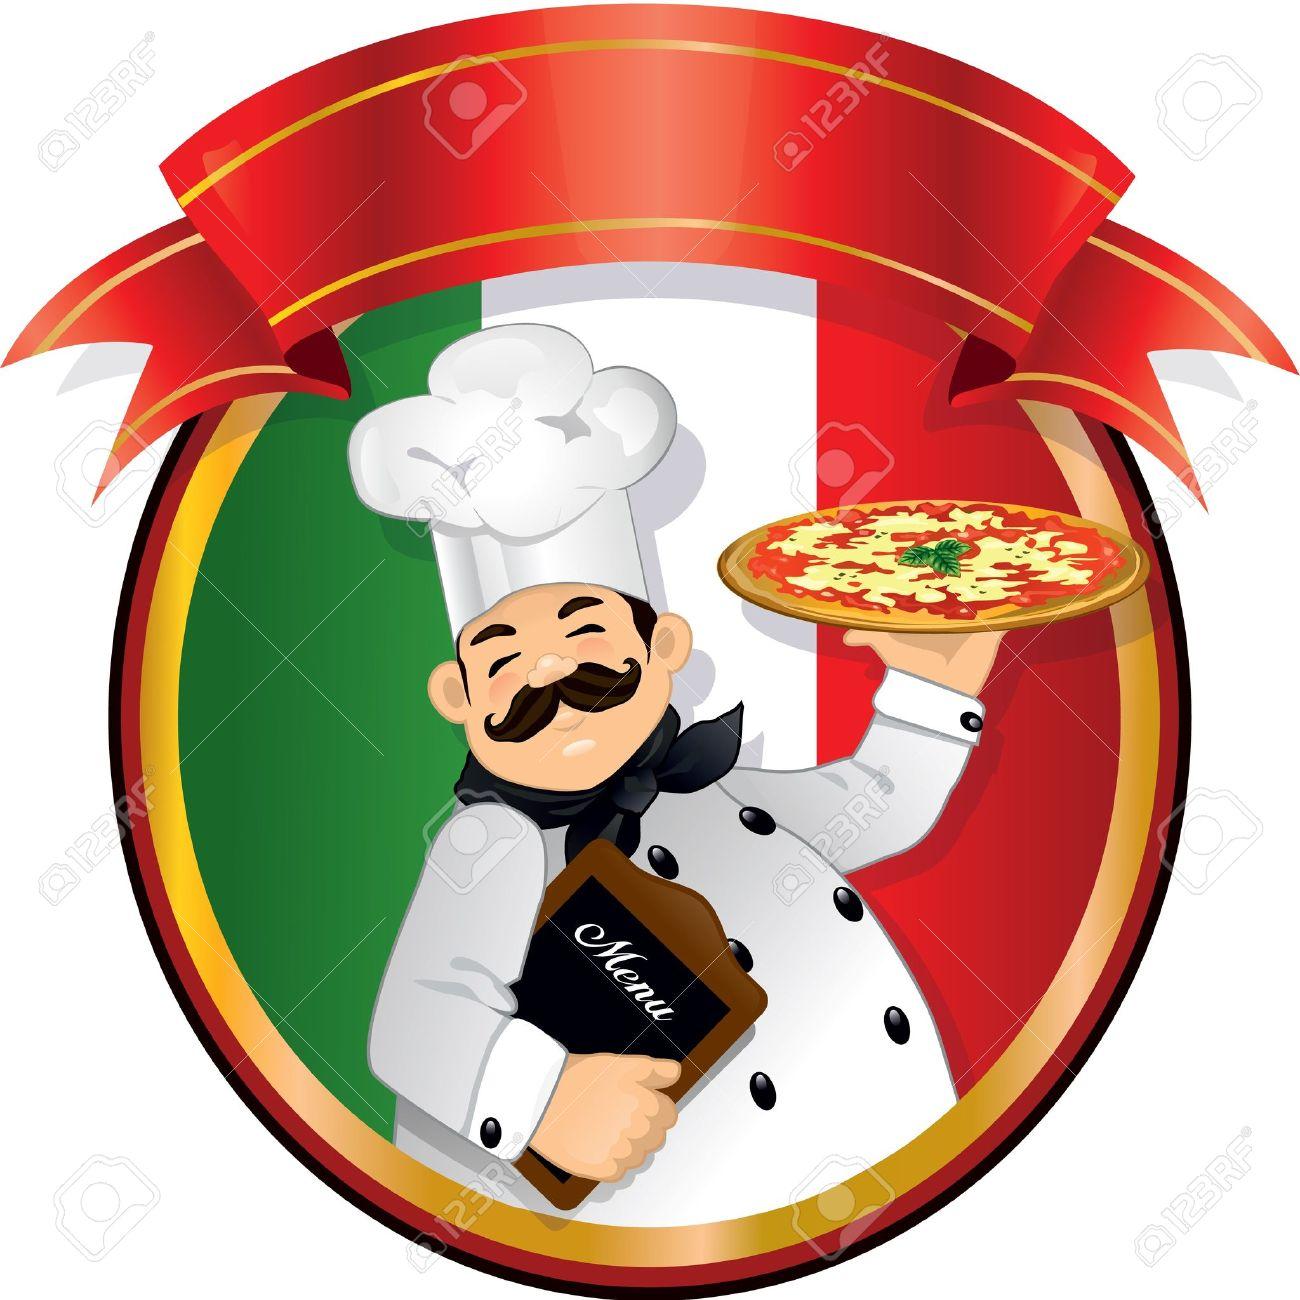 Pizza Chef Logo Pizza Chef Holding a Pizza